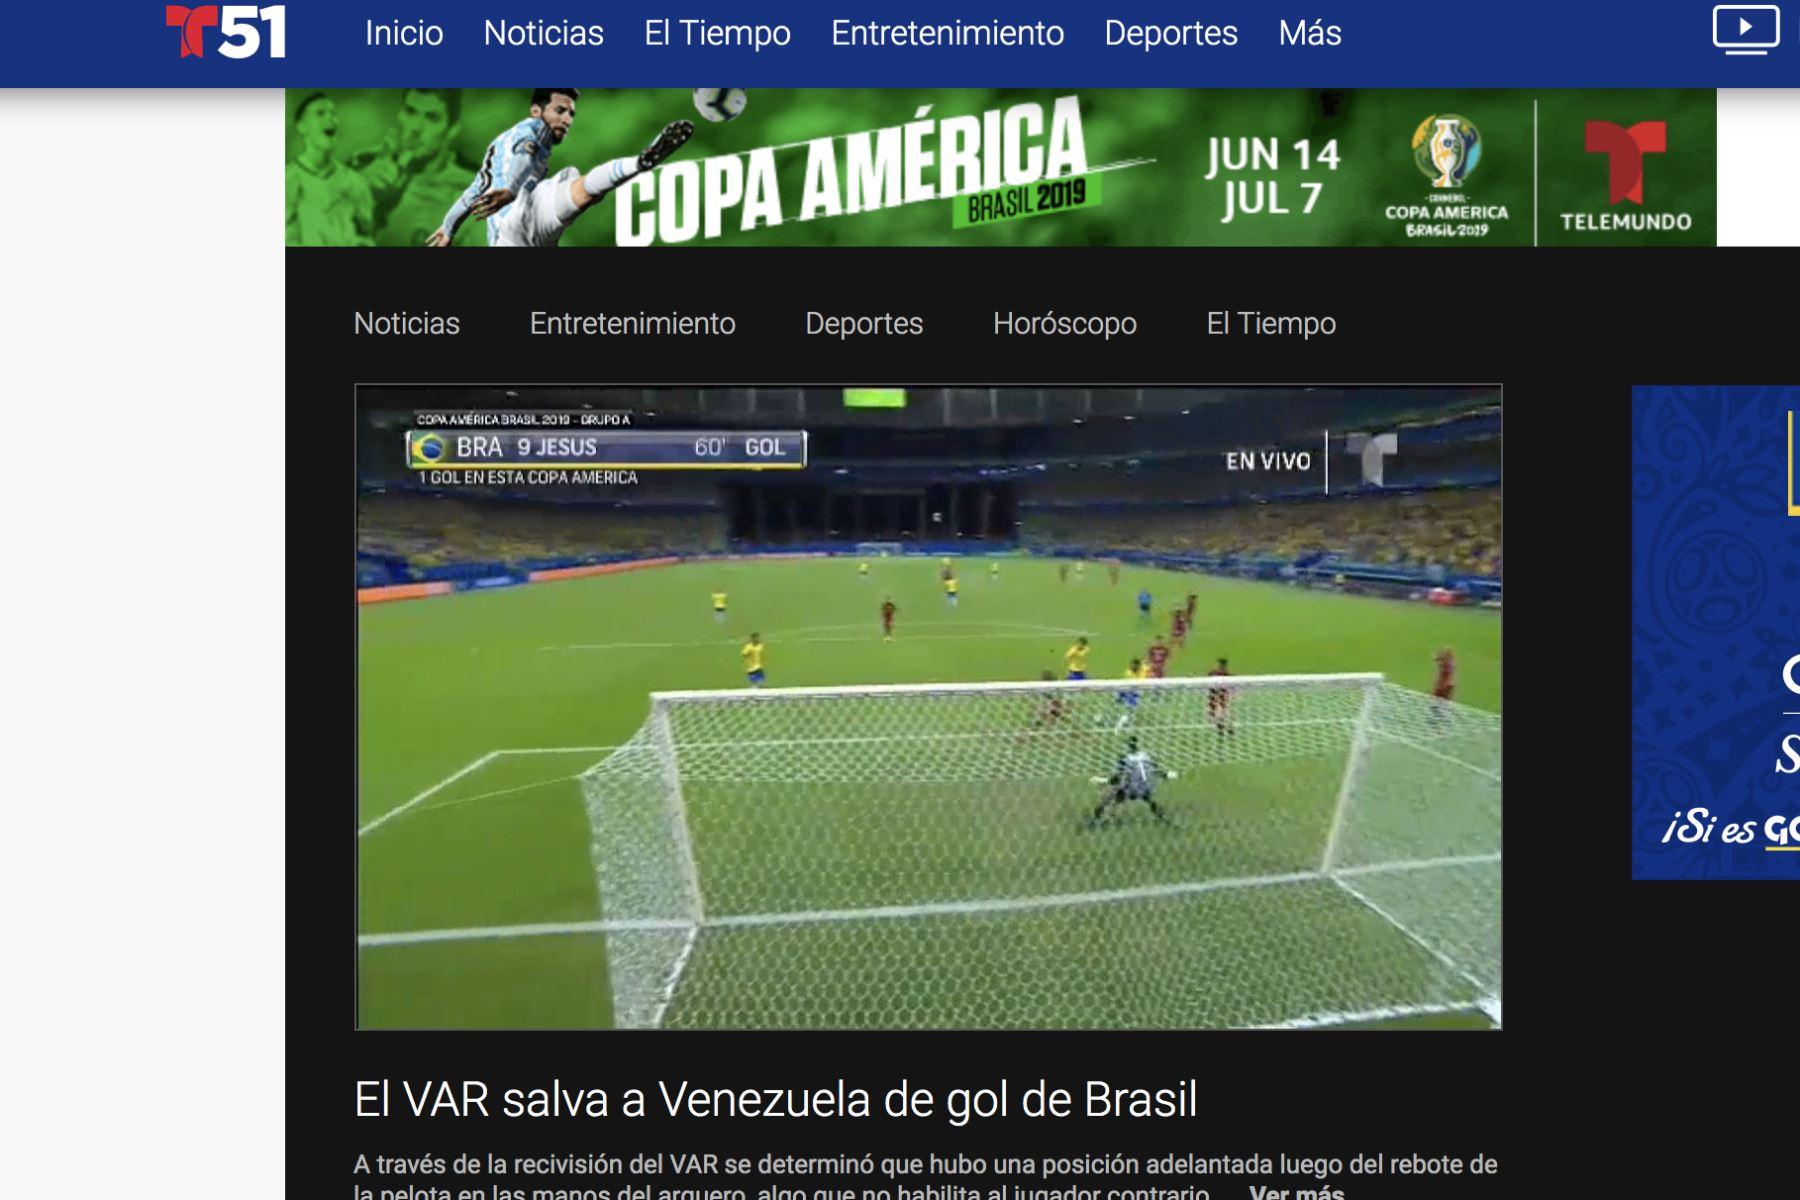 T51. Así informó la prensa mundial el empate entre Brasil y Venezuela por la Copa América 2019.Foto: ANDINA/Difusión